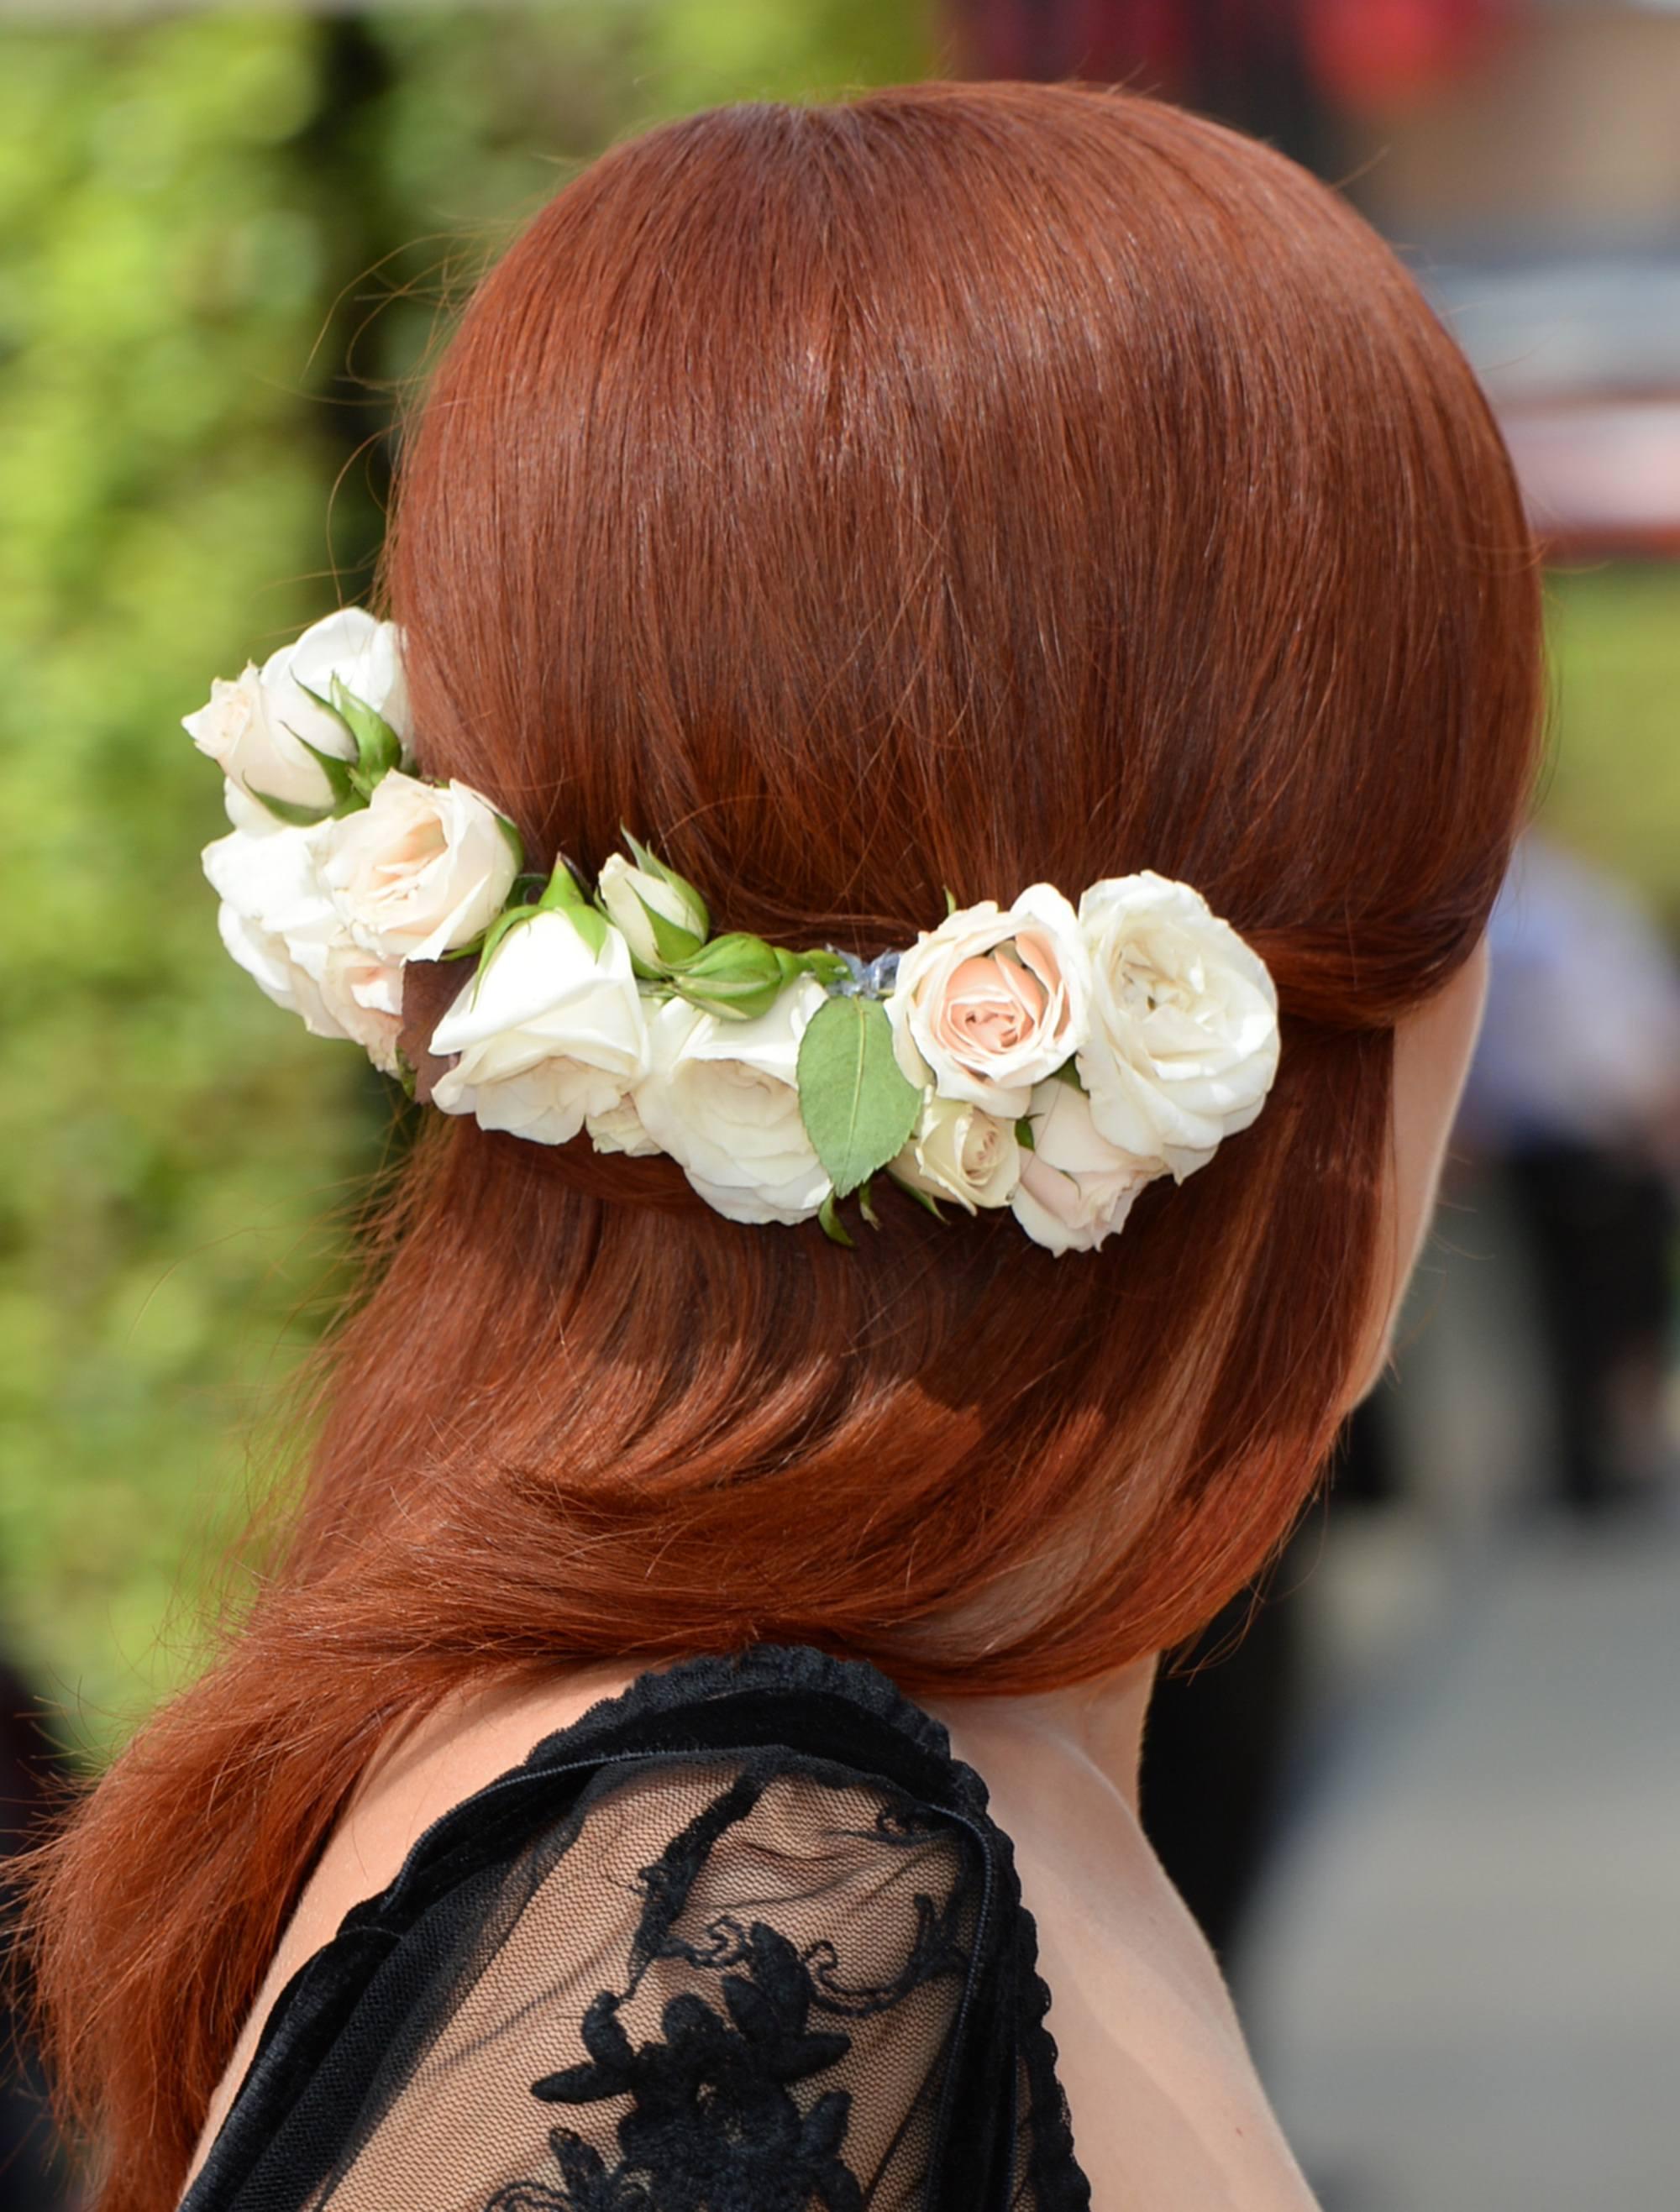 Coiffure d'une invitée de mariage : Plan arrière d'une femme aux cheveux roux cuivrés coiffés à la perfection, portant une épingle à cheveux basse à fleurs avec un haut en filet noir.